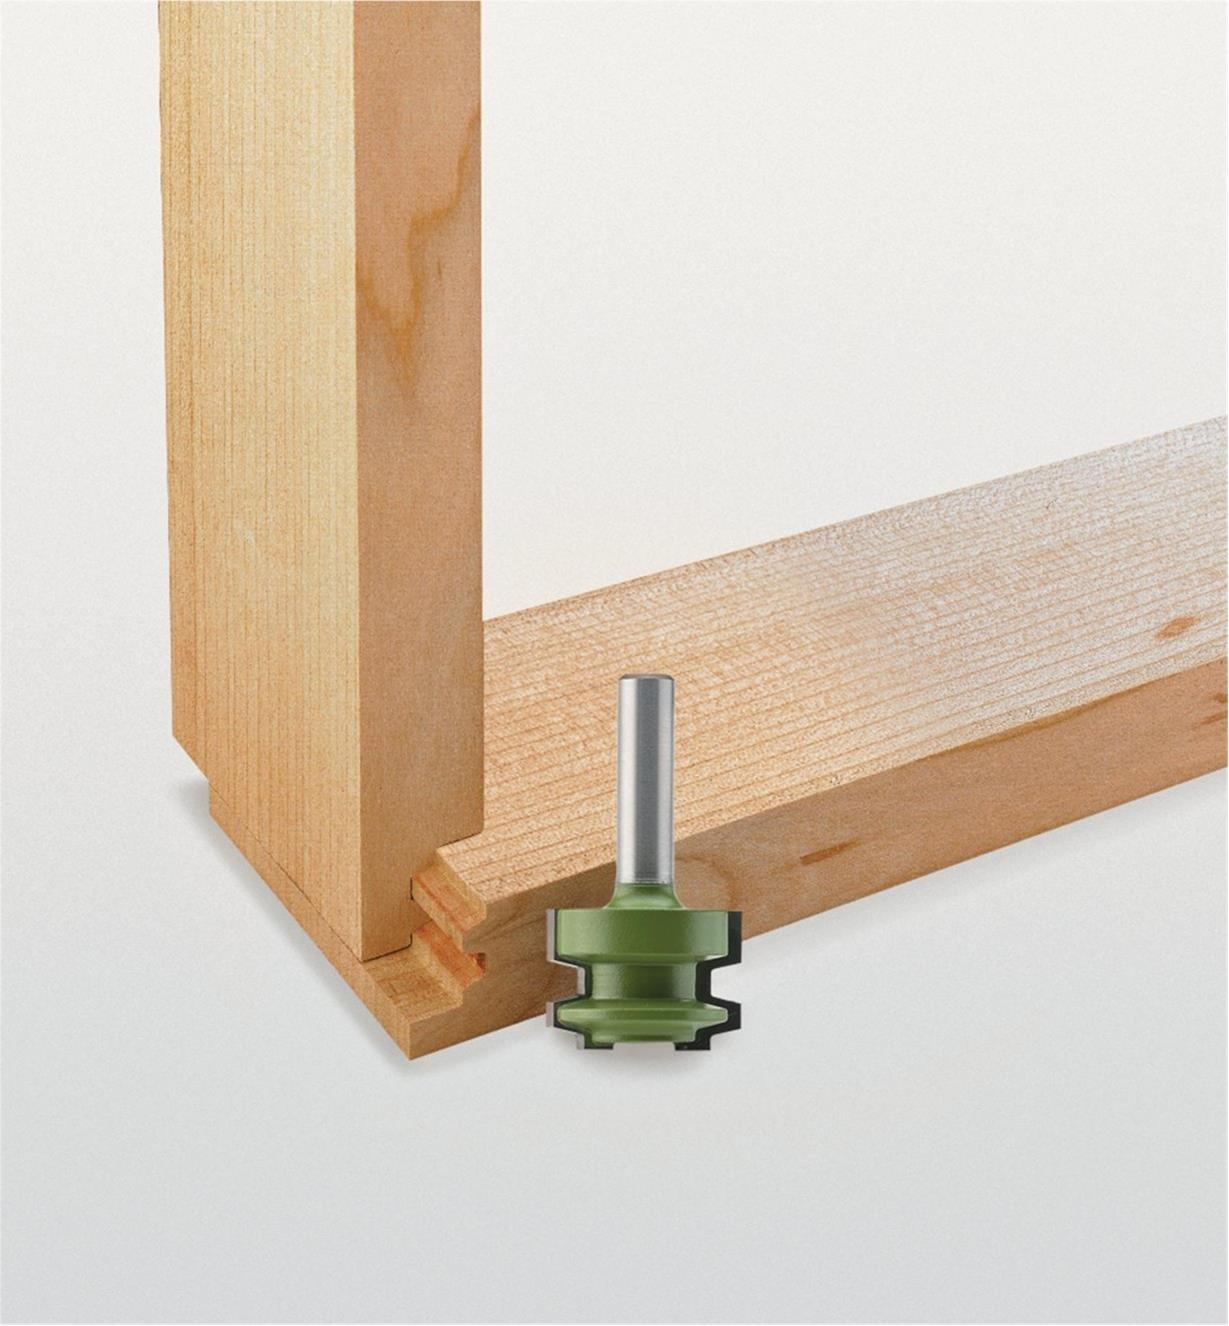 18J7662 - Mèche pour assemblage de tiroir, 11/16po x 3/4po x 8mm